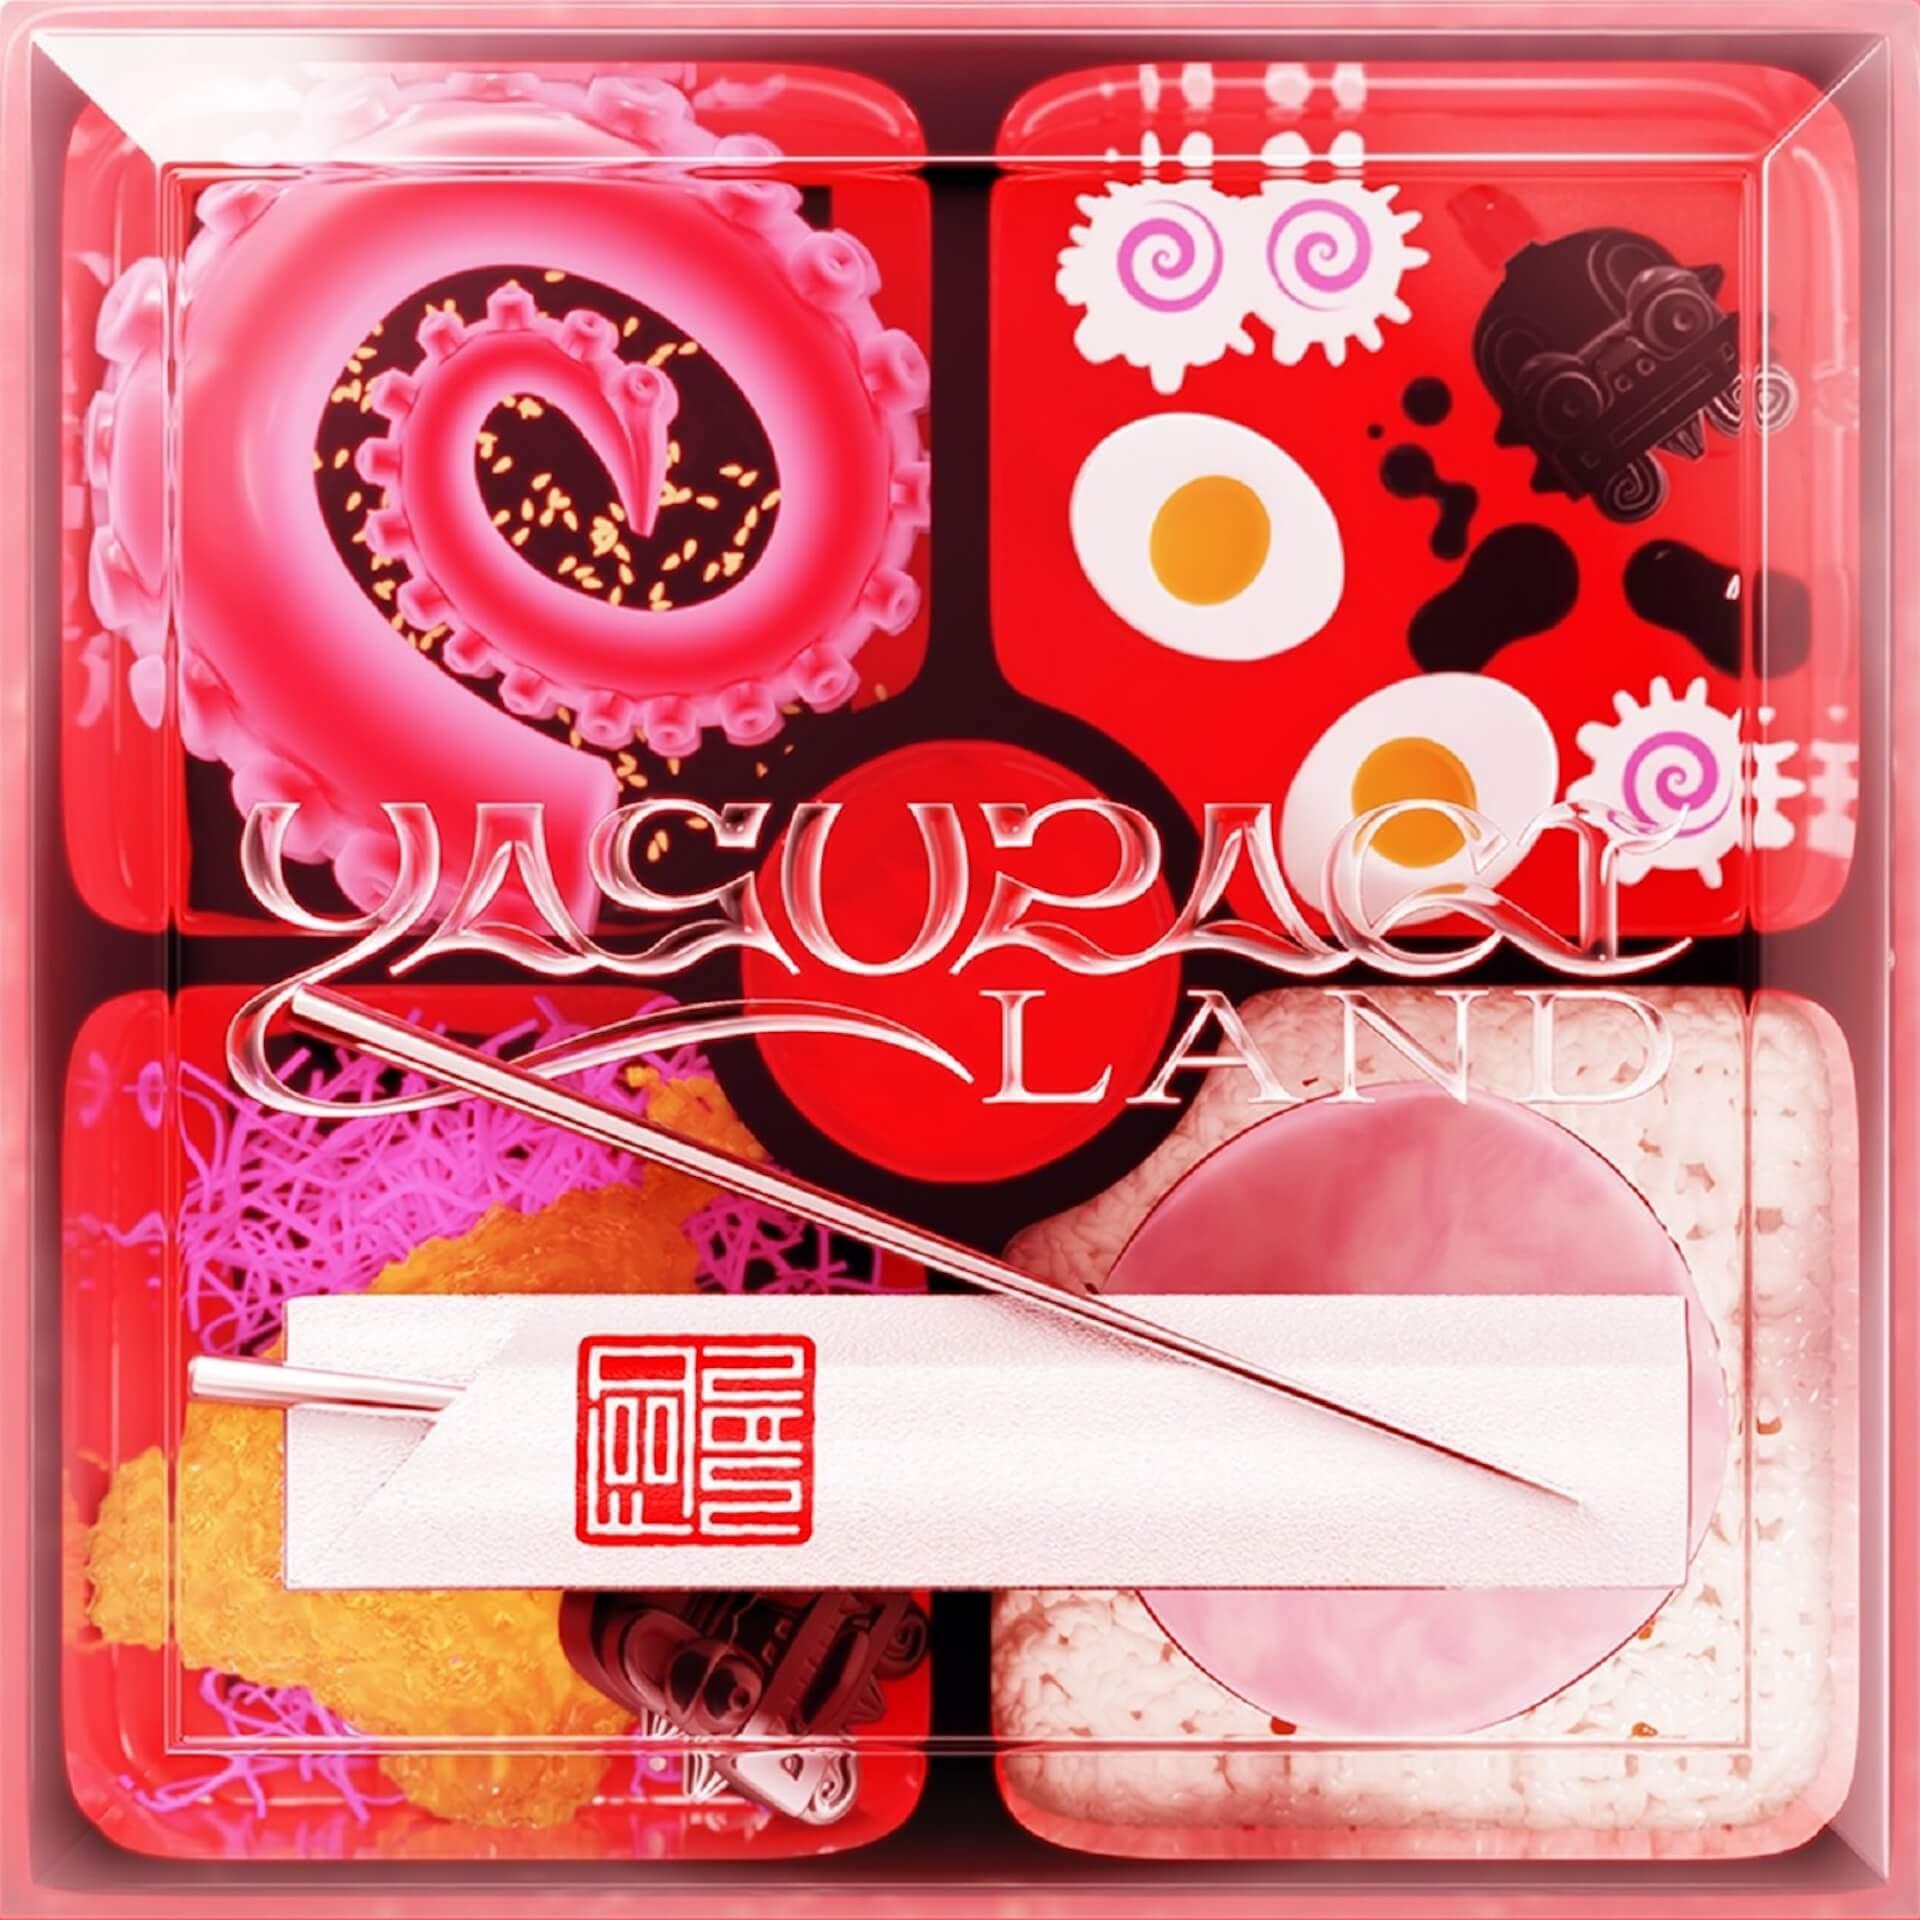 食品まつり a.k.a foodmanのニューアルバム『Yasuragi Land』が名門〈Hyperdub〉からリリース決定! music210414_foodman_hyperdub_7